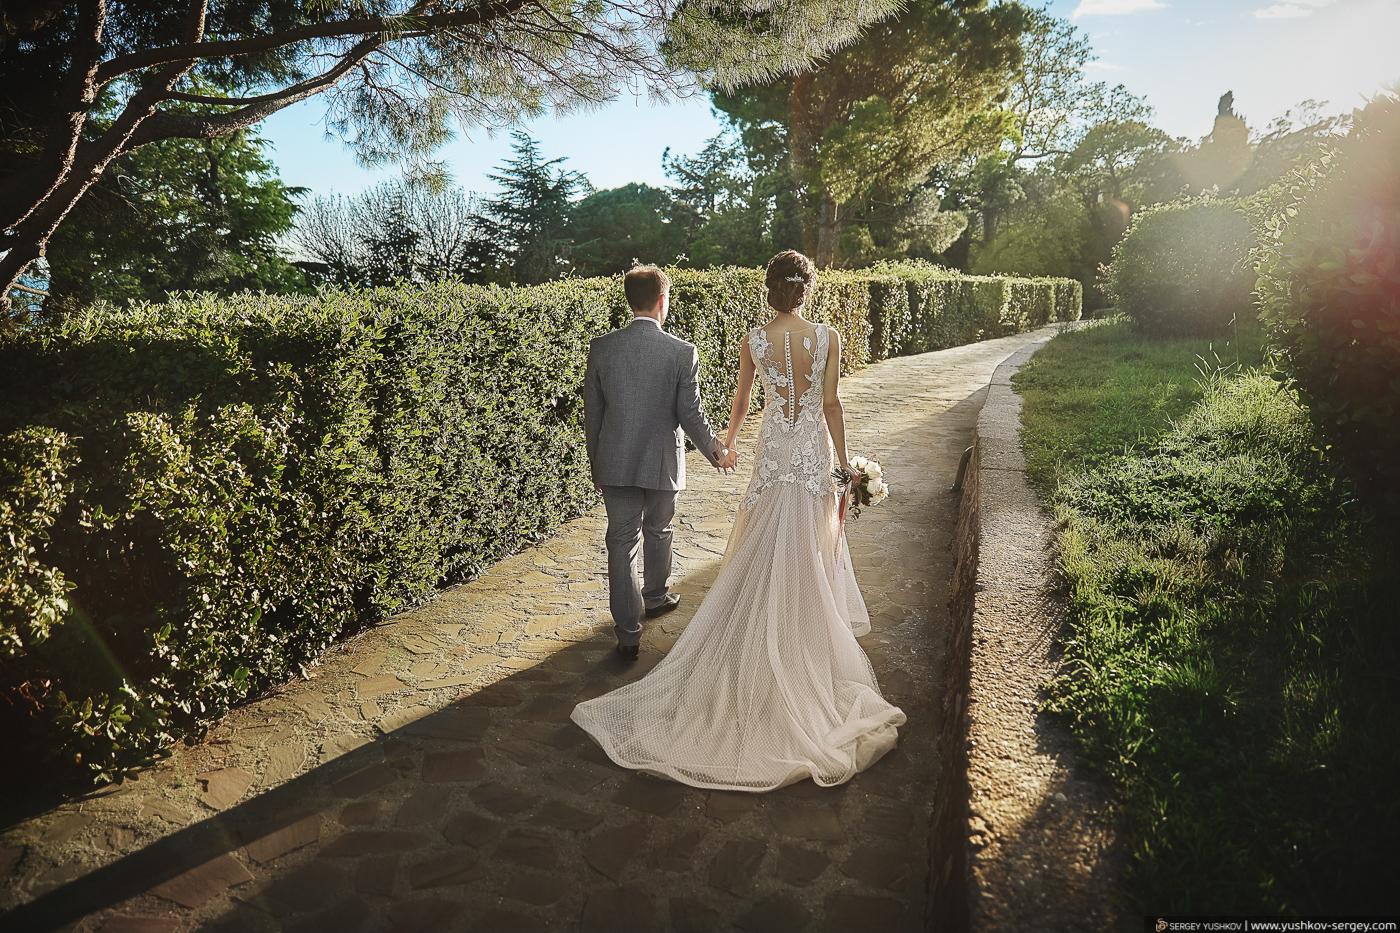 Красивая свадебная фотосессия в Крыму. Парк Воронцовского дворца в Алупке. Фотограф - Сергей Юшков.